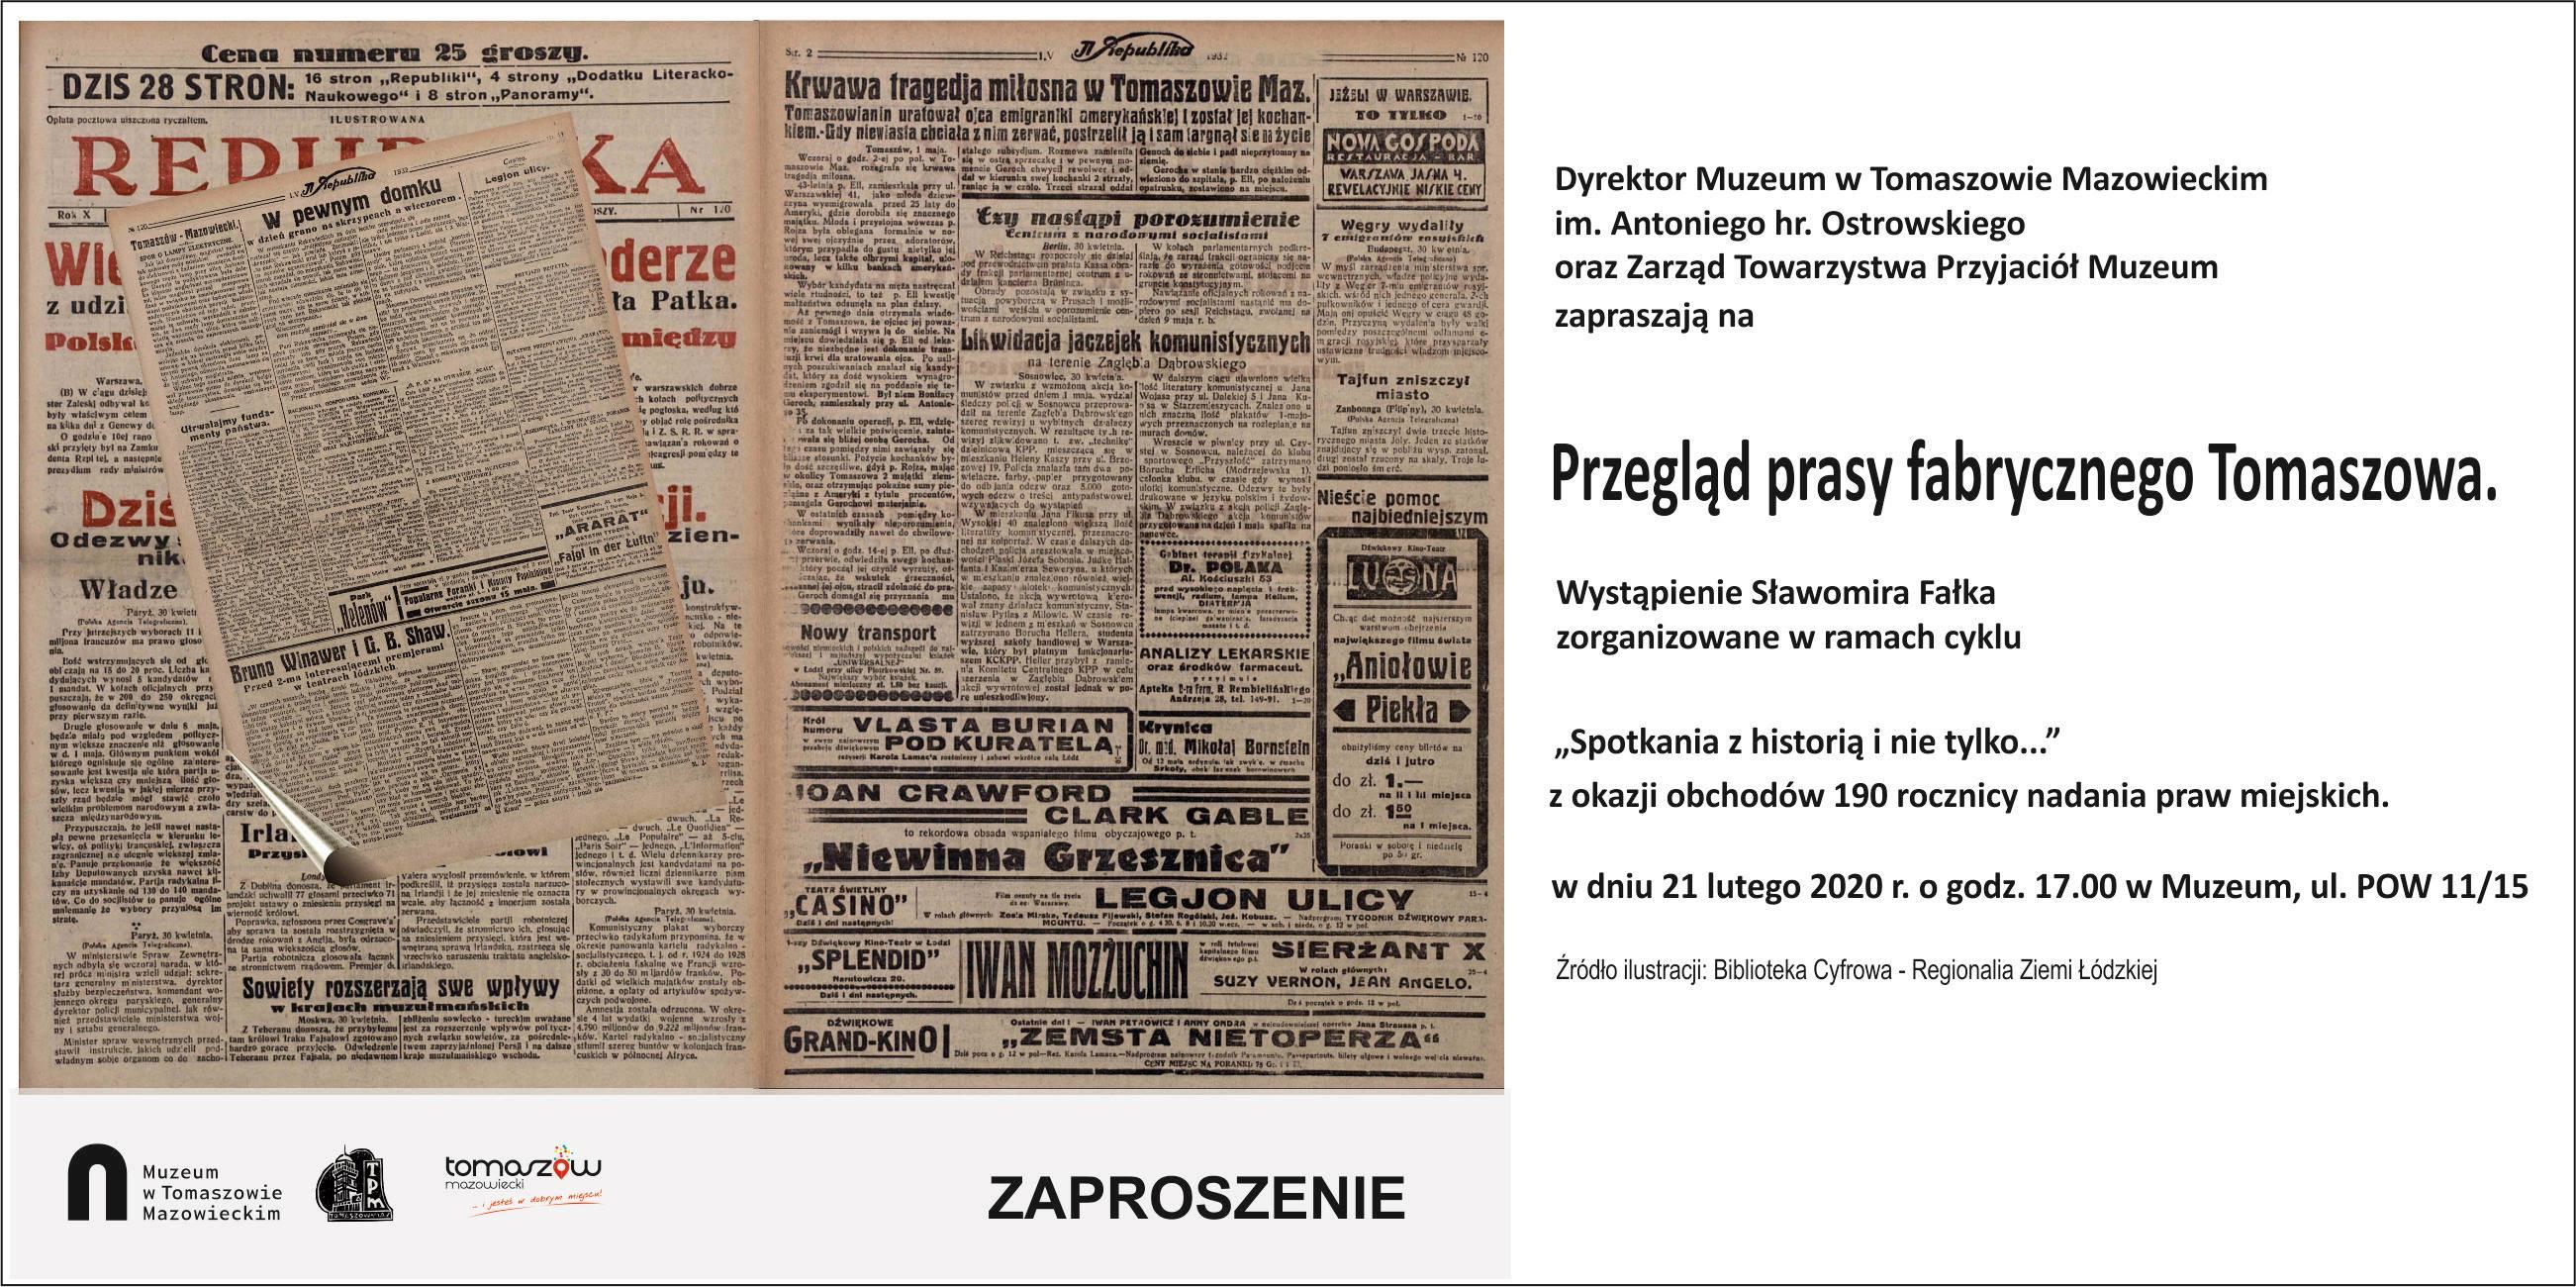 prasa fabrycznego Tomaszowa plakat